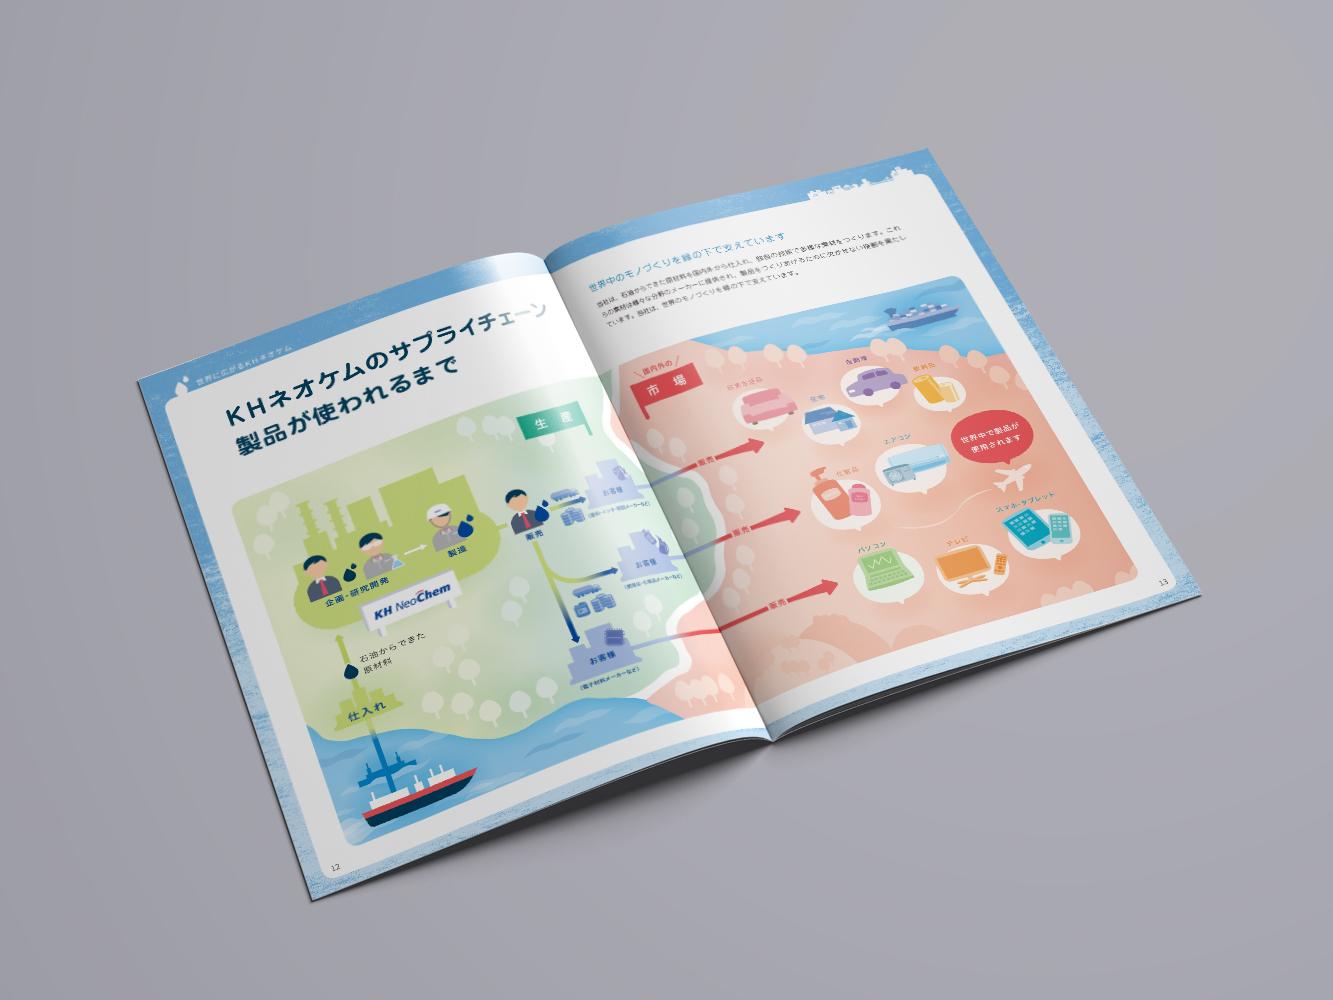 画像:事業概要冊子制作「発見! くらしの中のKHネオケム」